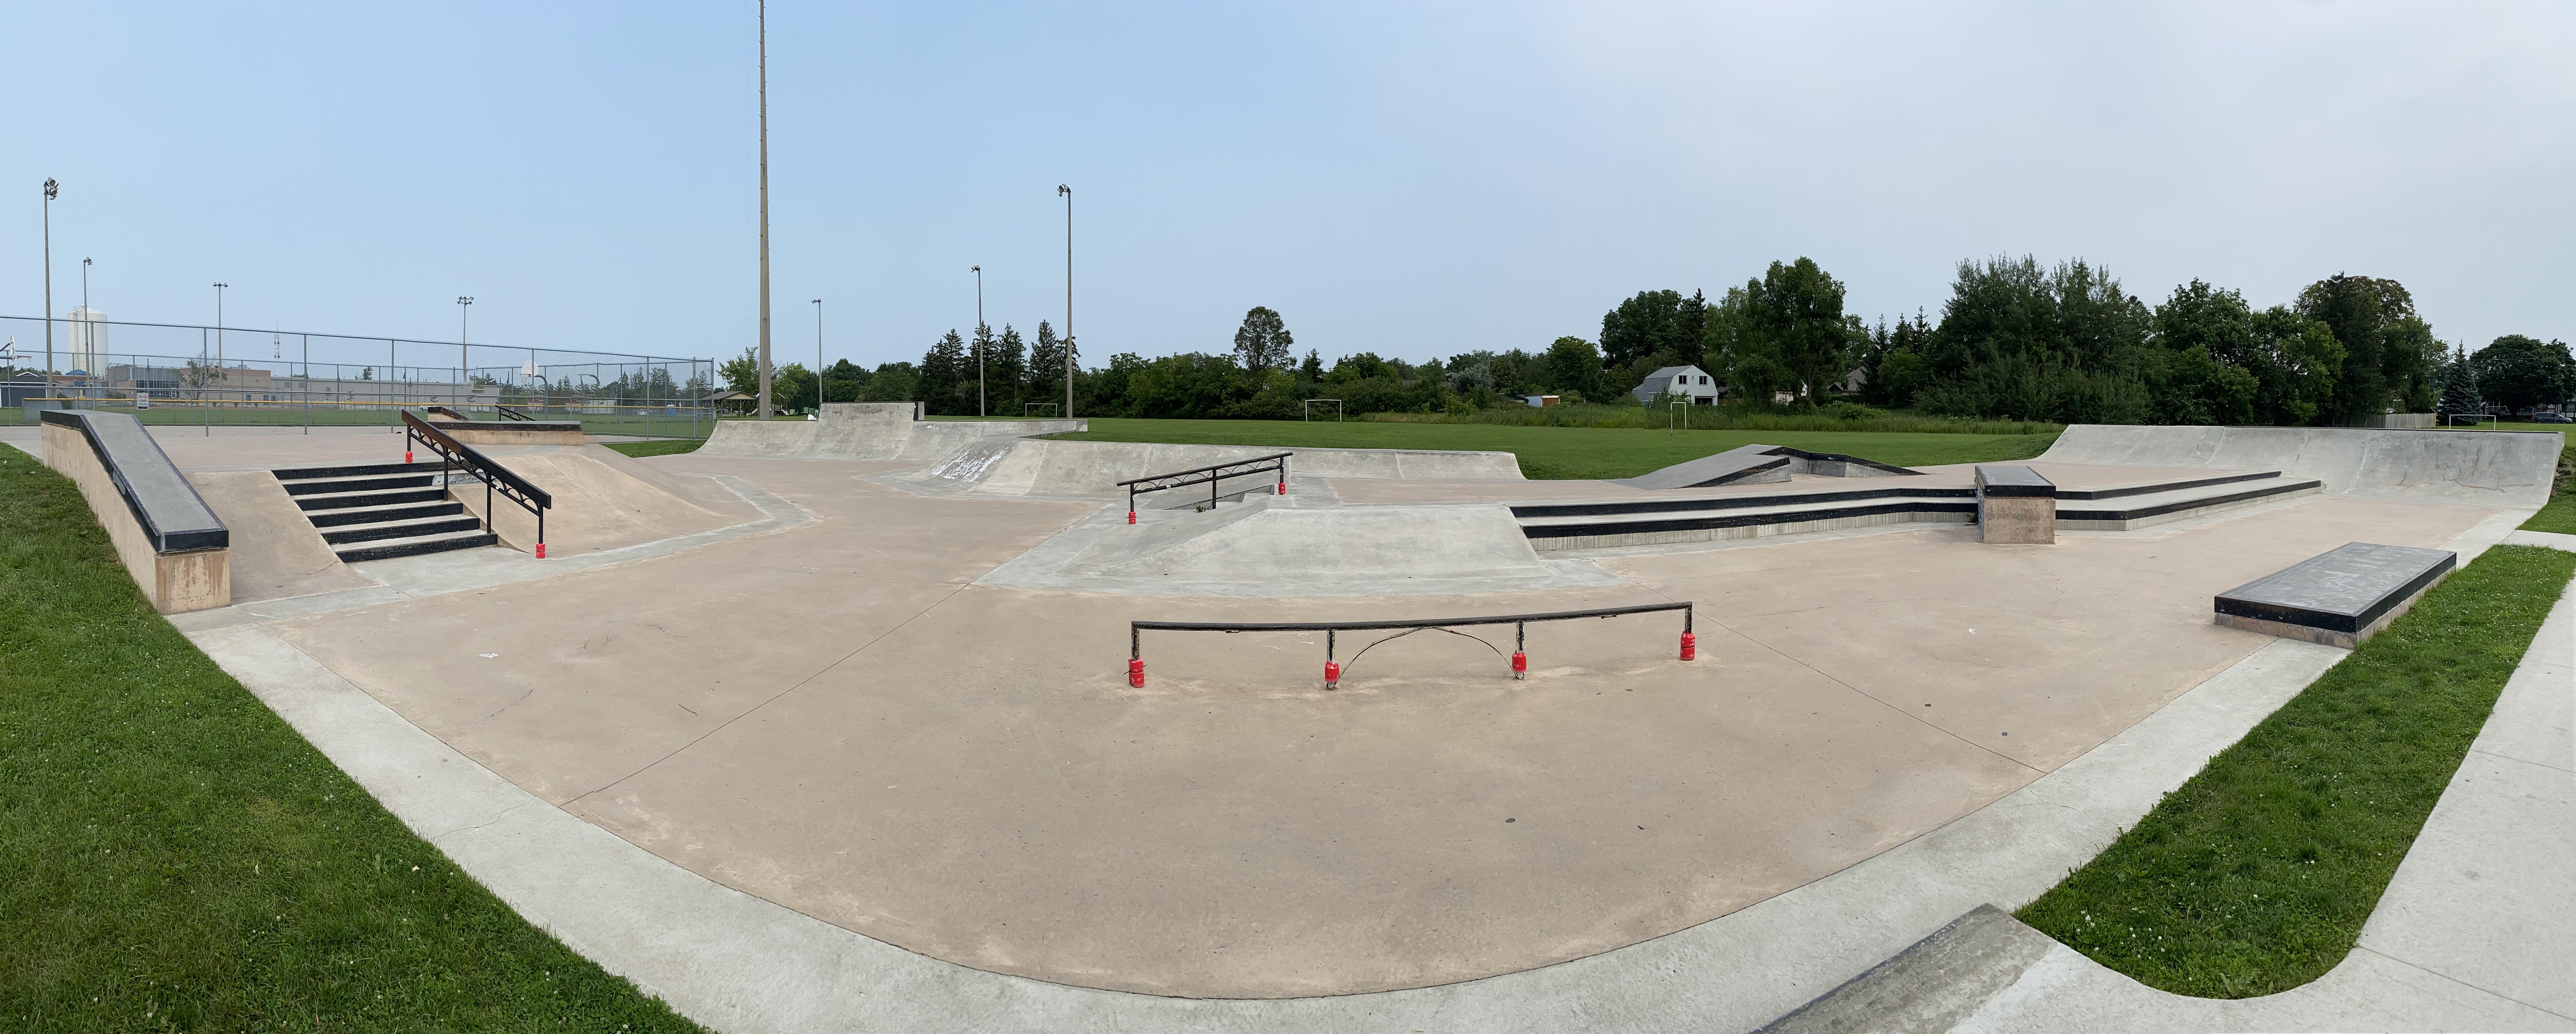 Caledonia Skatepark panoramic